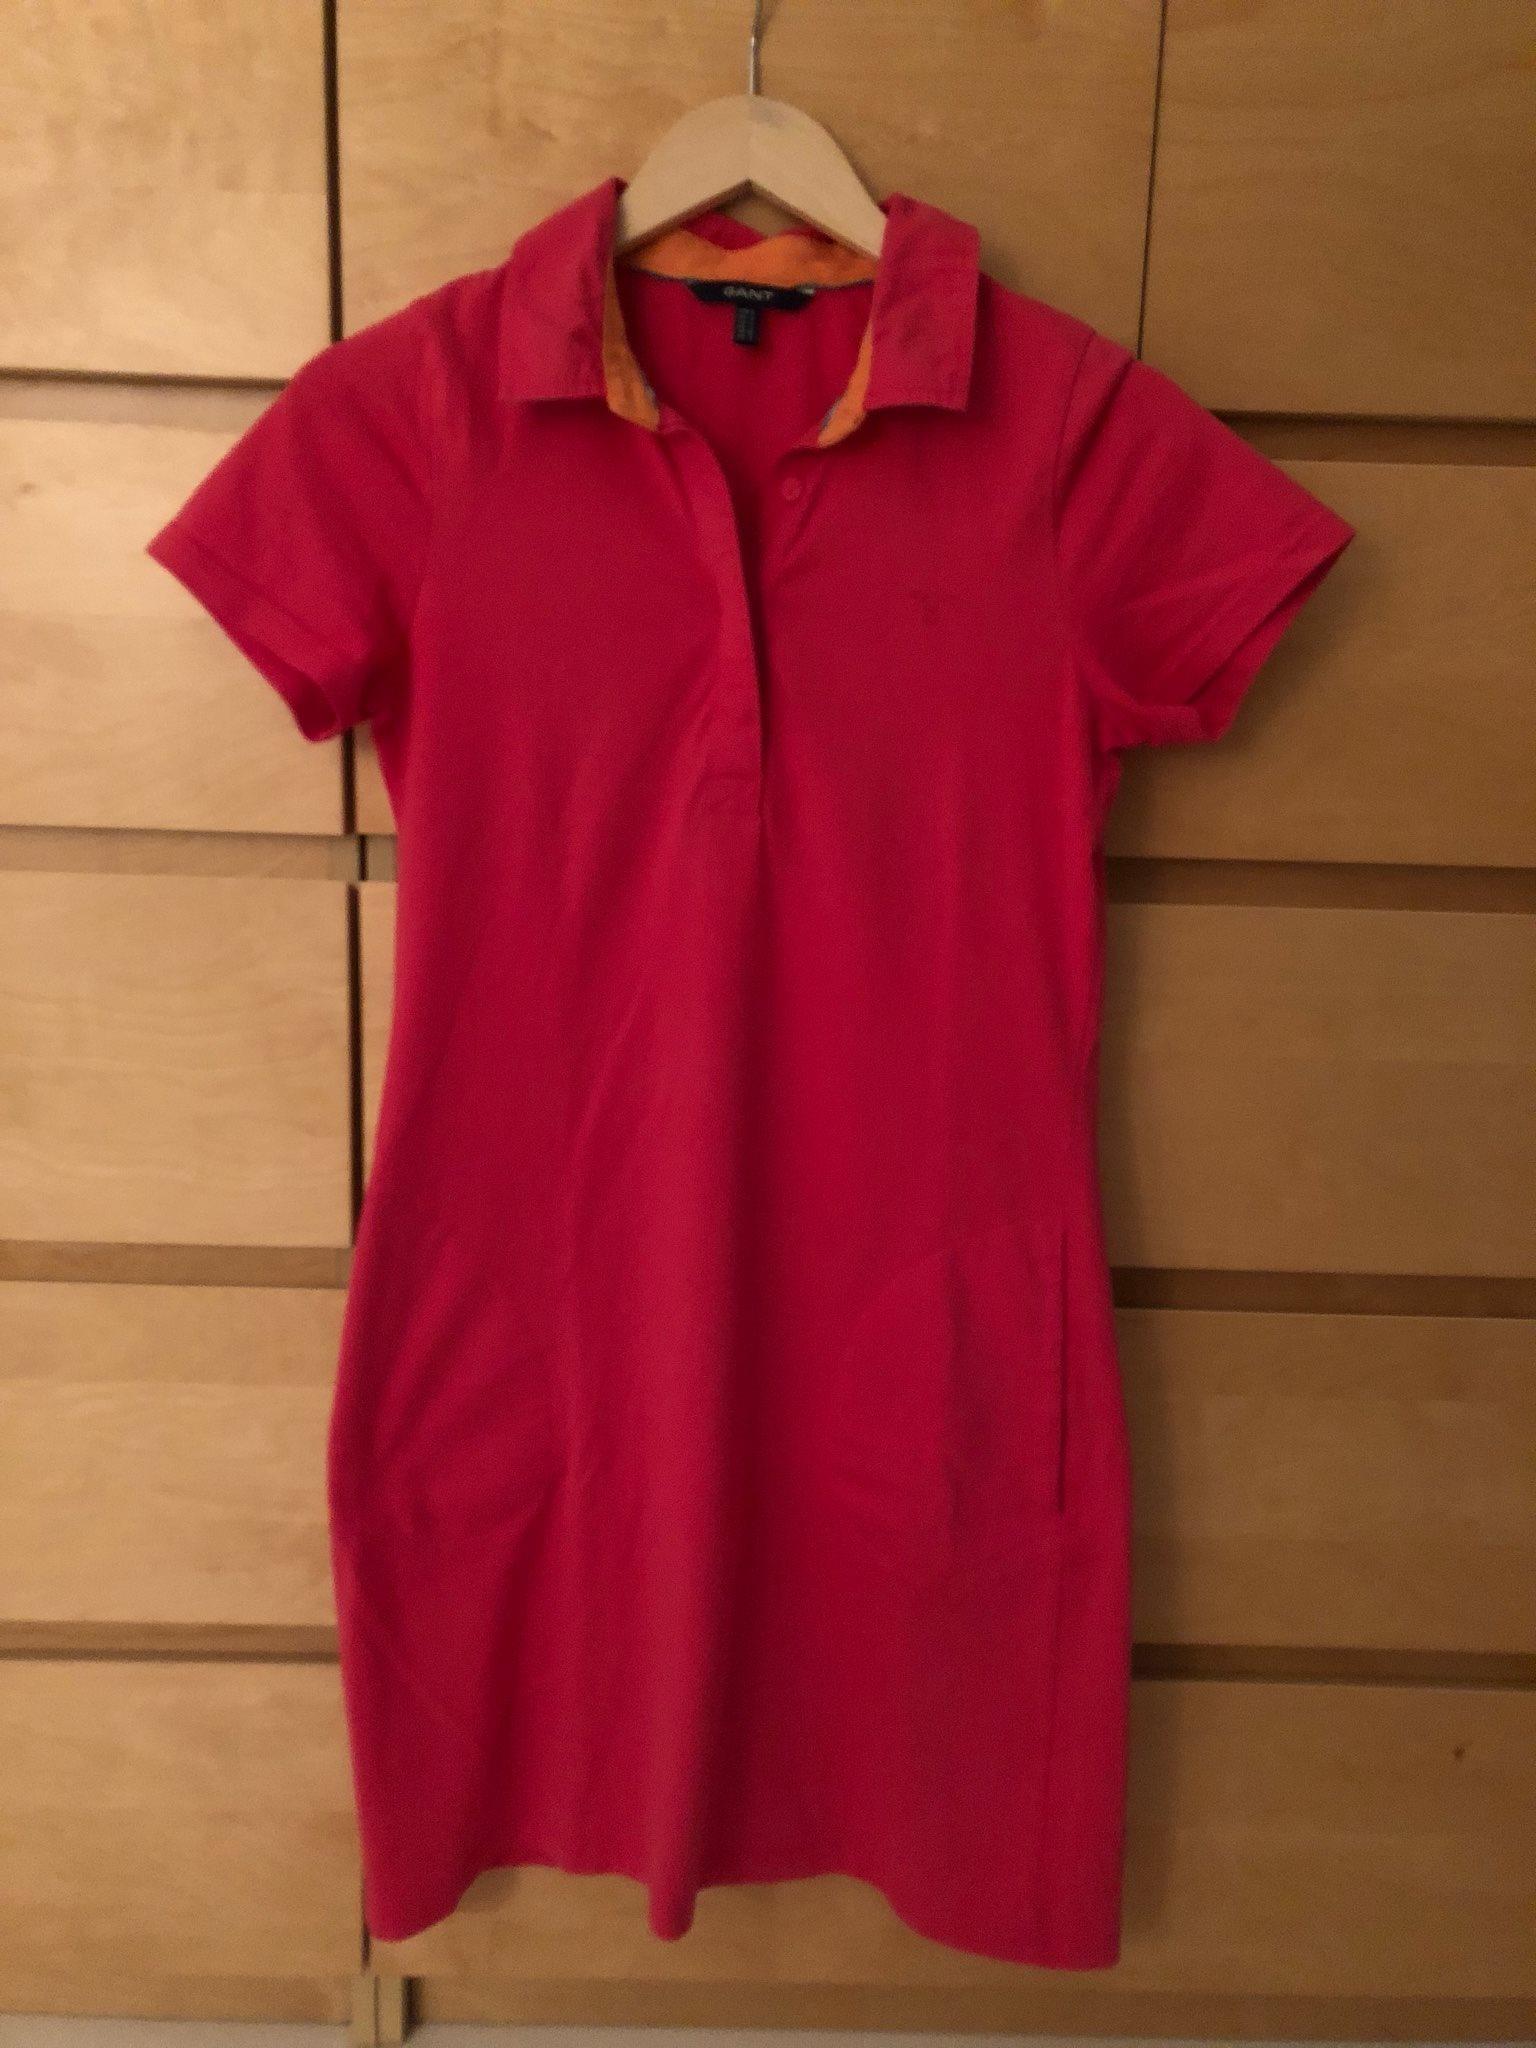 081aef6e9ed Gant pike klänning. gant regular fit - piké - gelb ljusgul män kläder piké, gant tröja,gant shop,Online. GANT The Original Piké Dress Dam - Fri frakt  hos ...